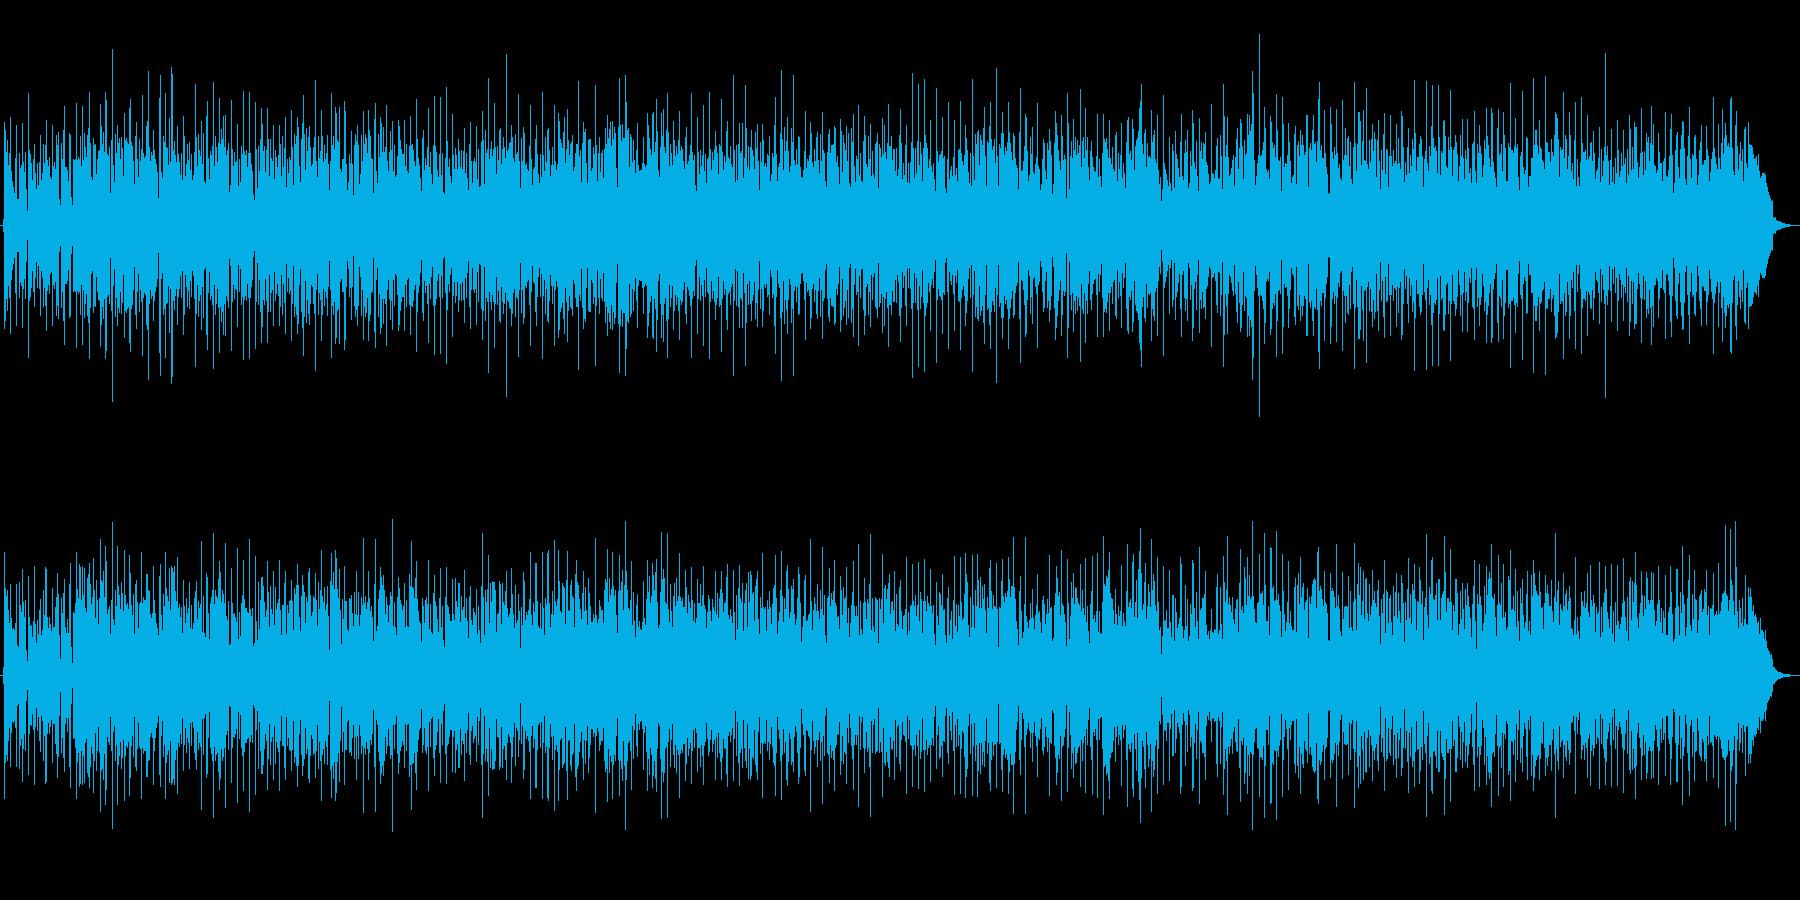 ユーロビート風な映像用BGMの再生済みの波形